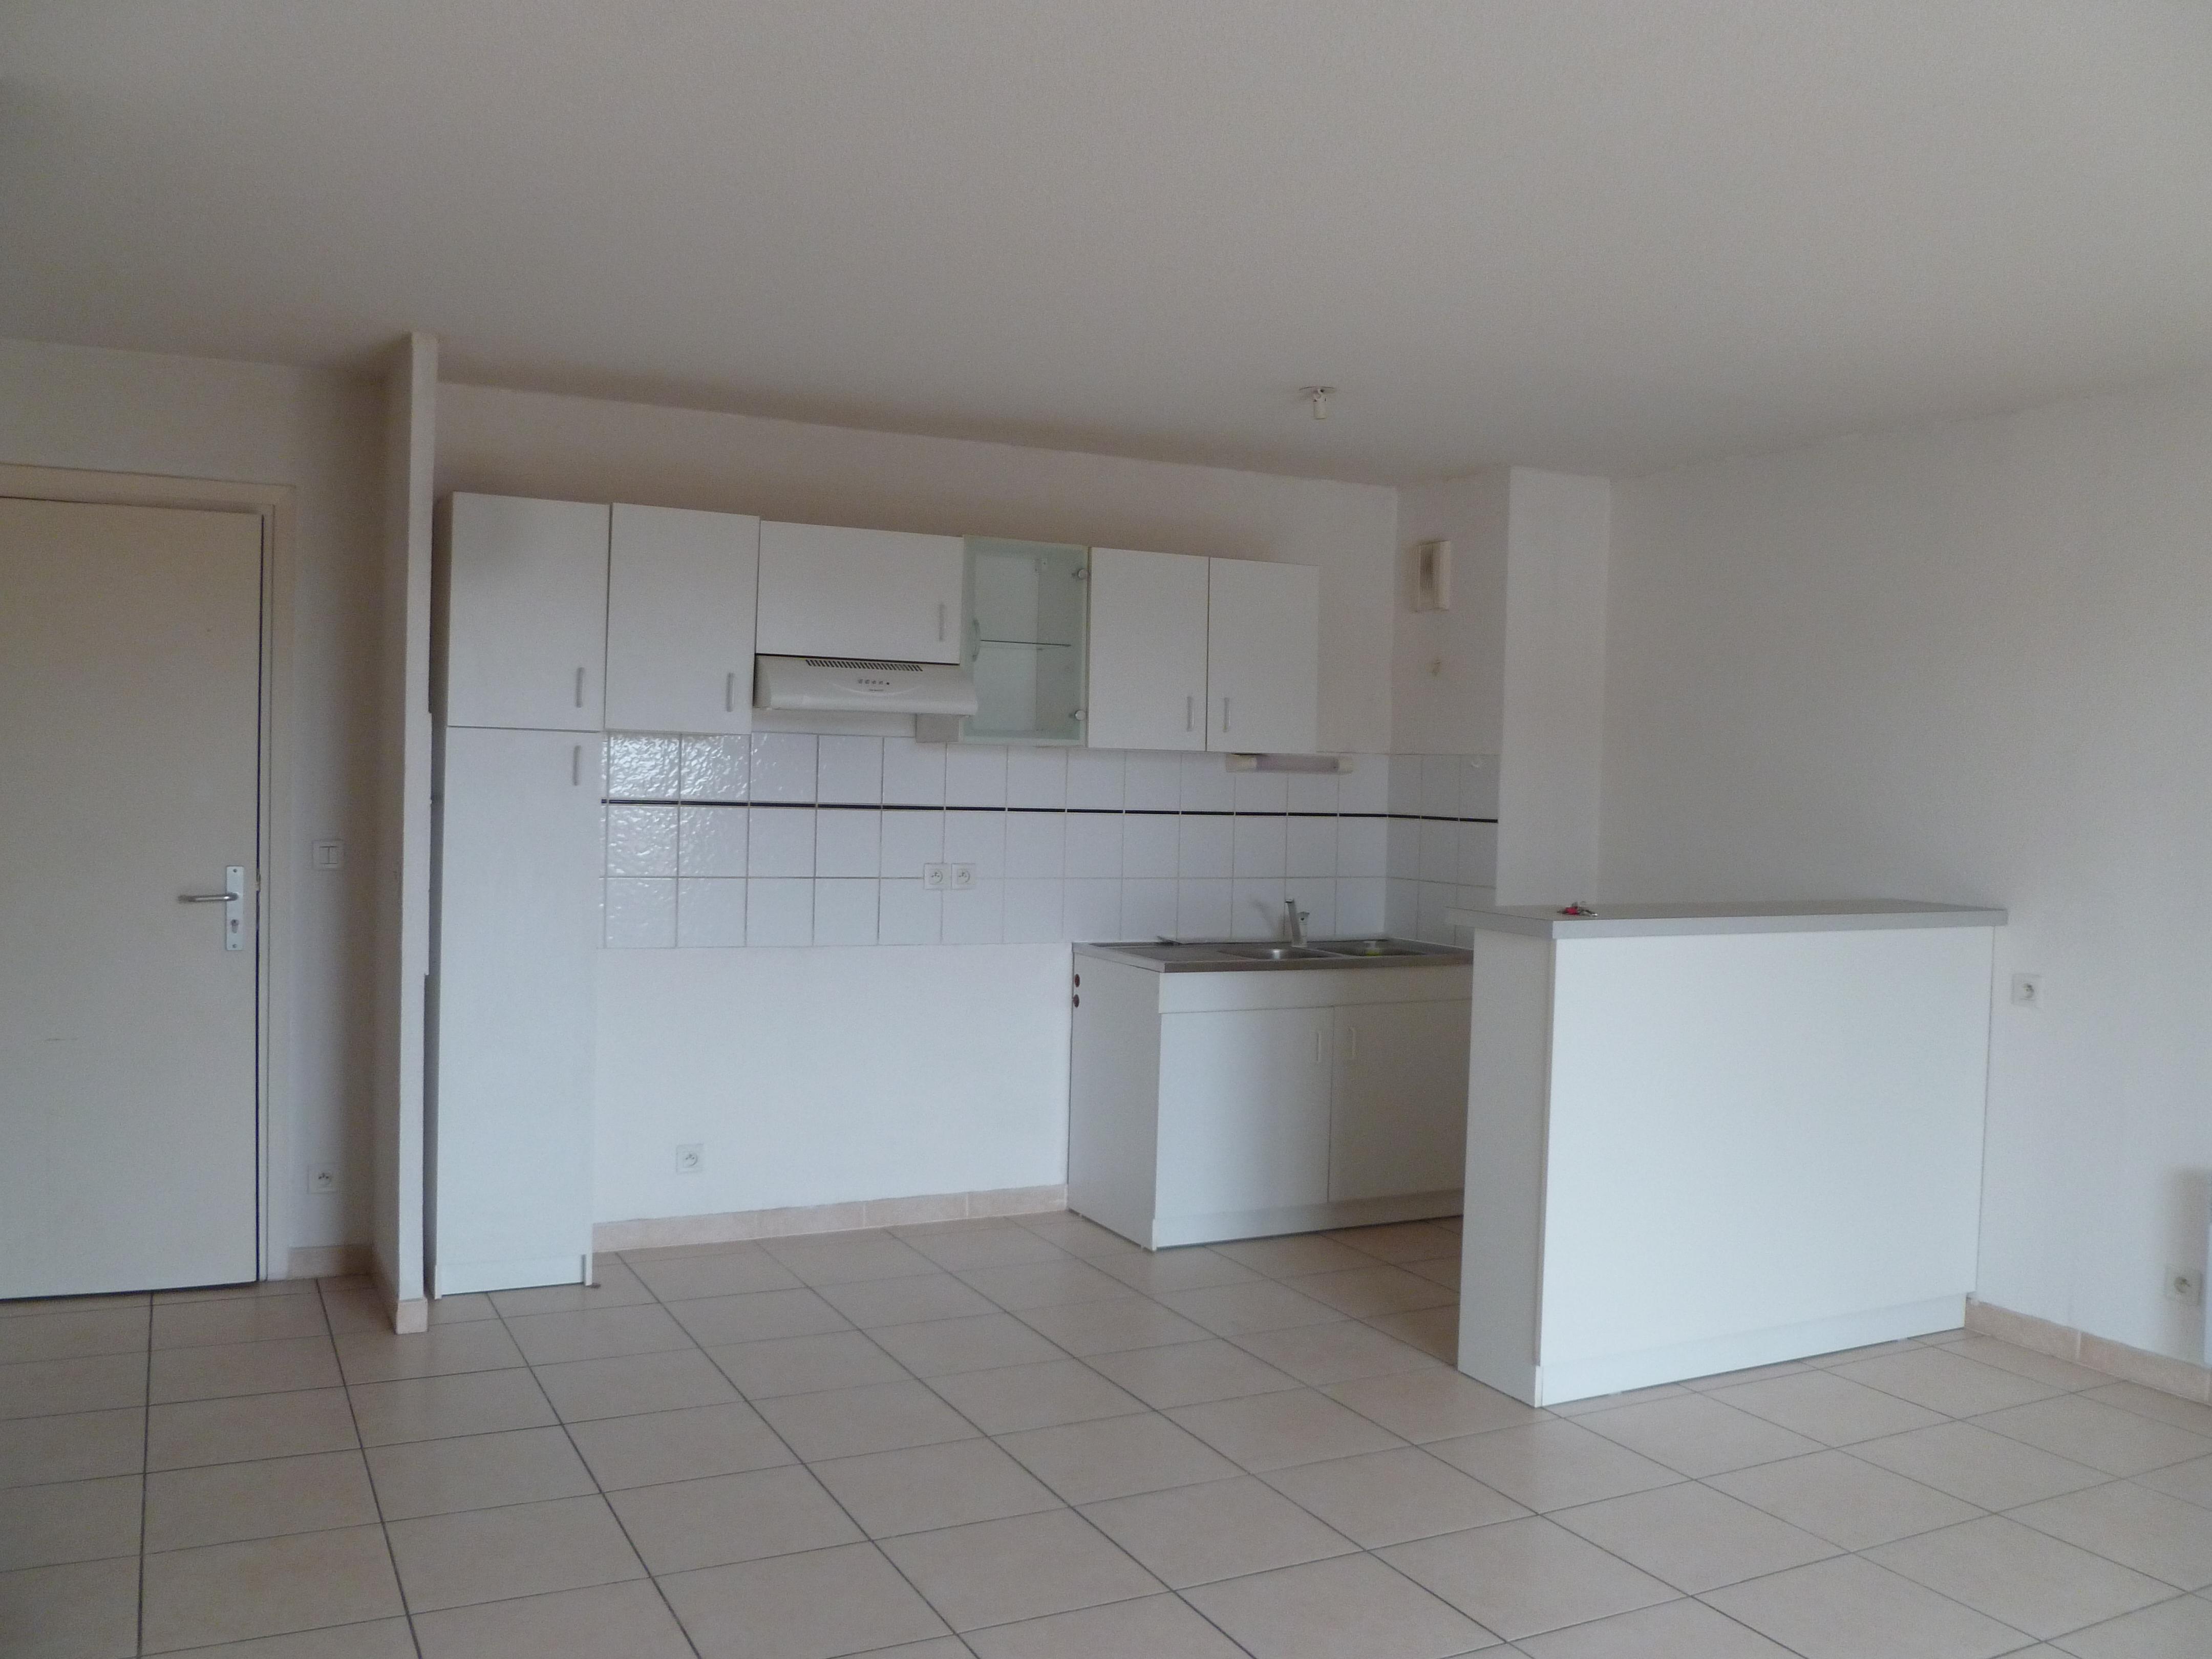 Appartement T3 à vendre sur les hauteurs de Figeac